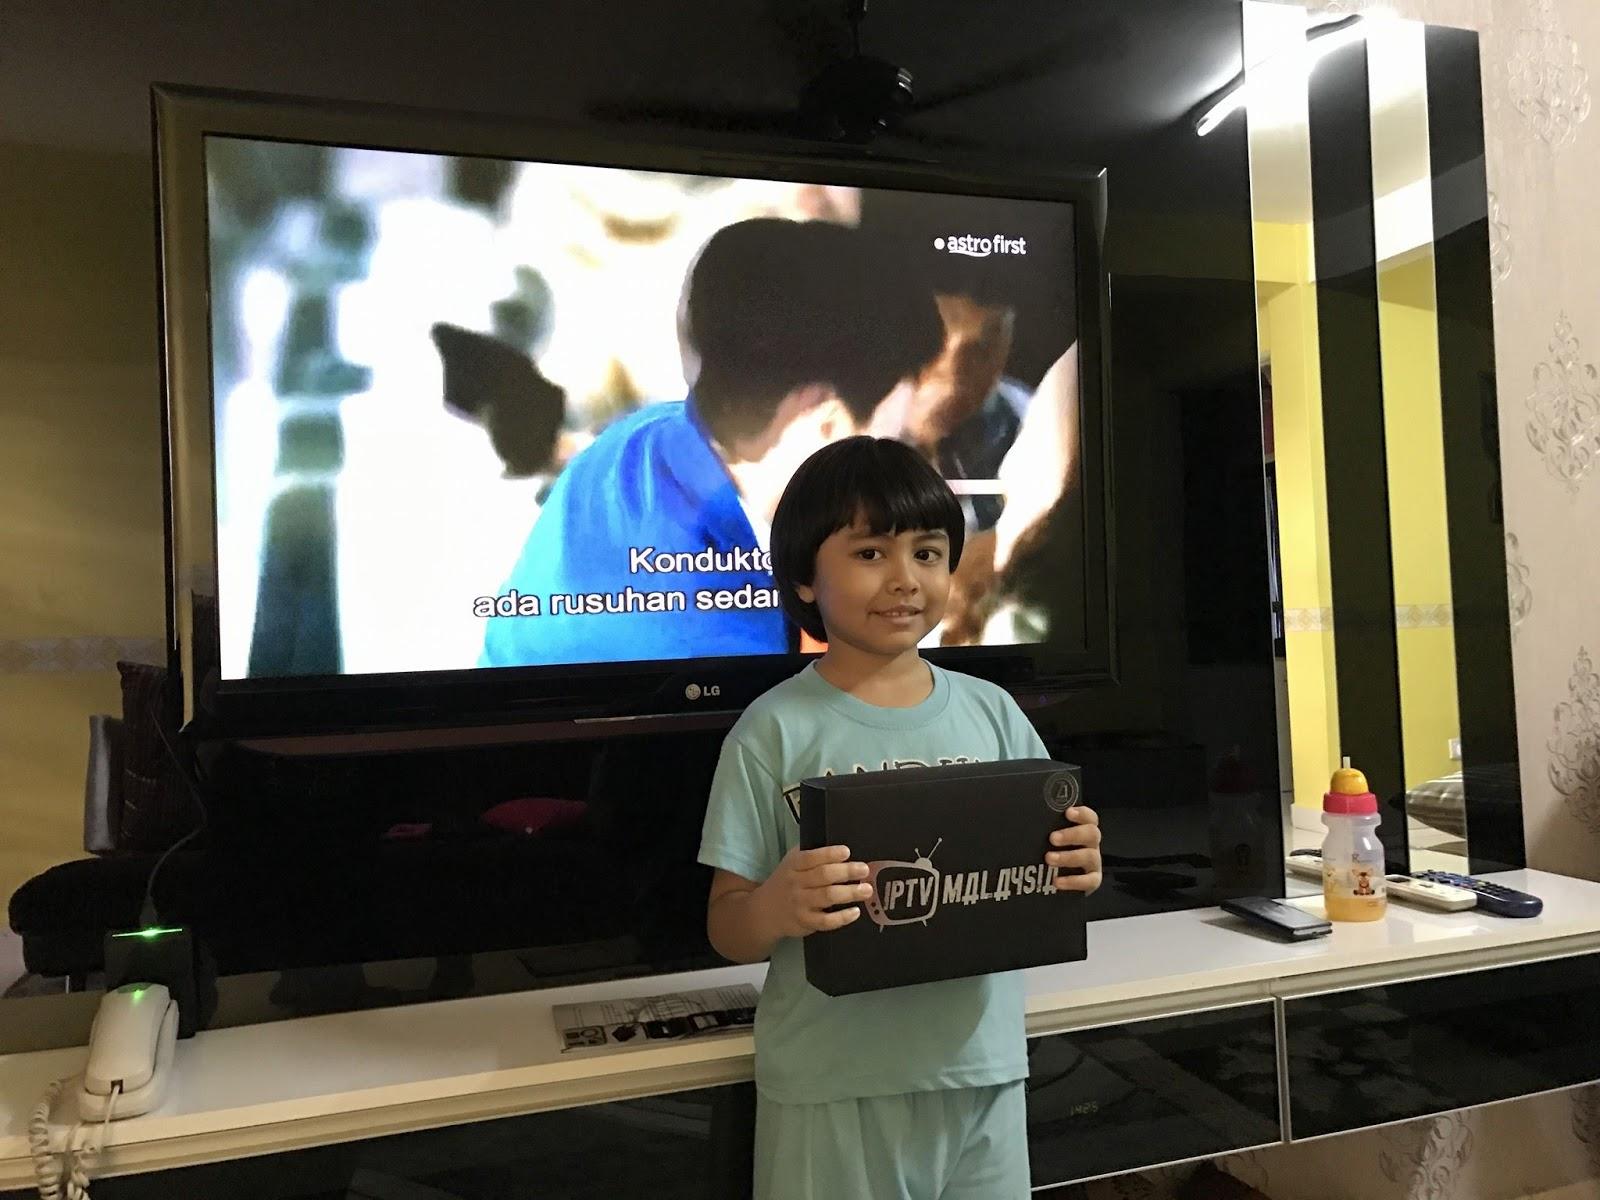 Kodi Iptv Yang Terkini - IPTV Malaysia